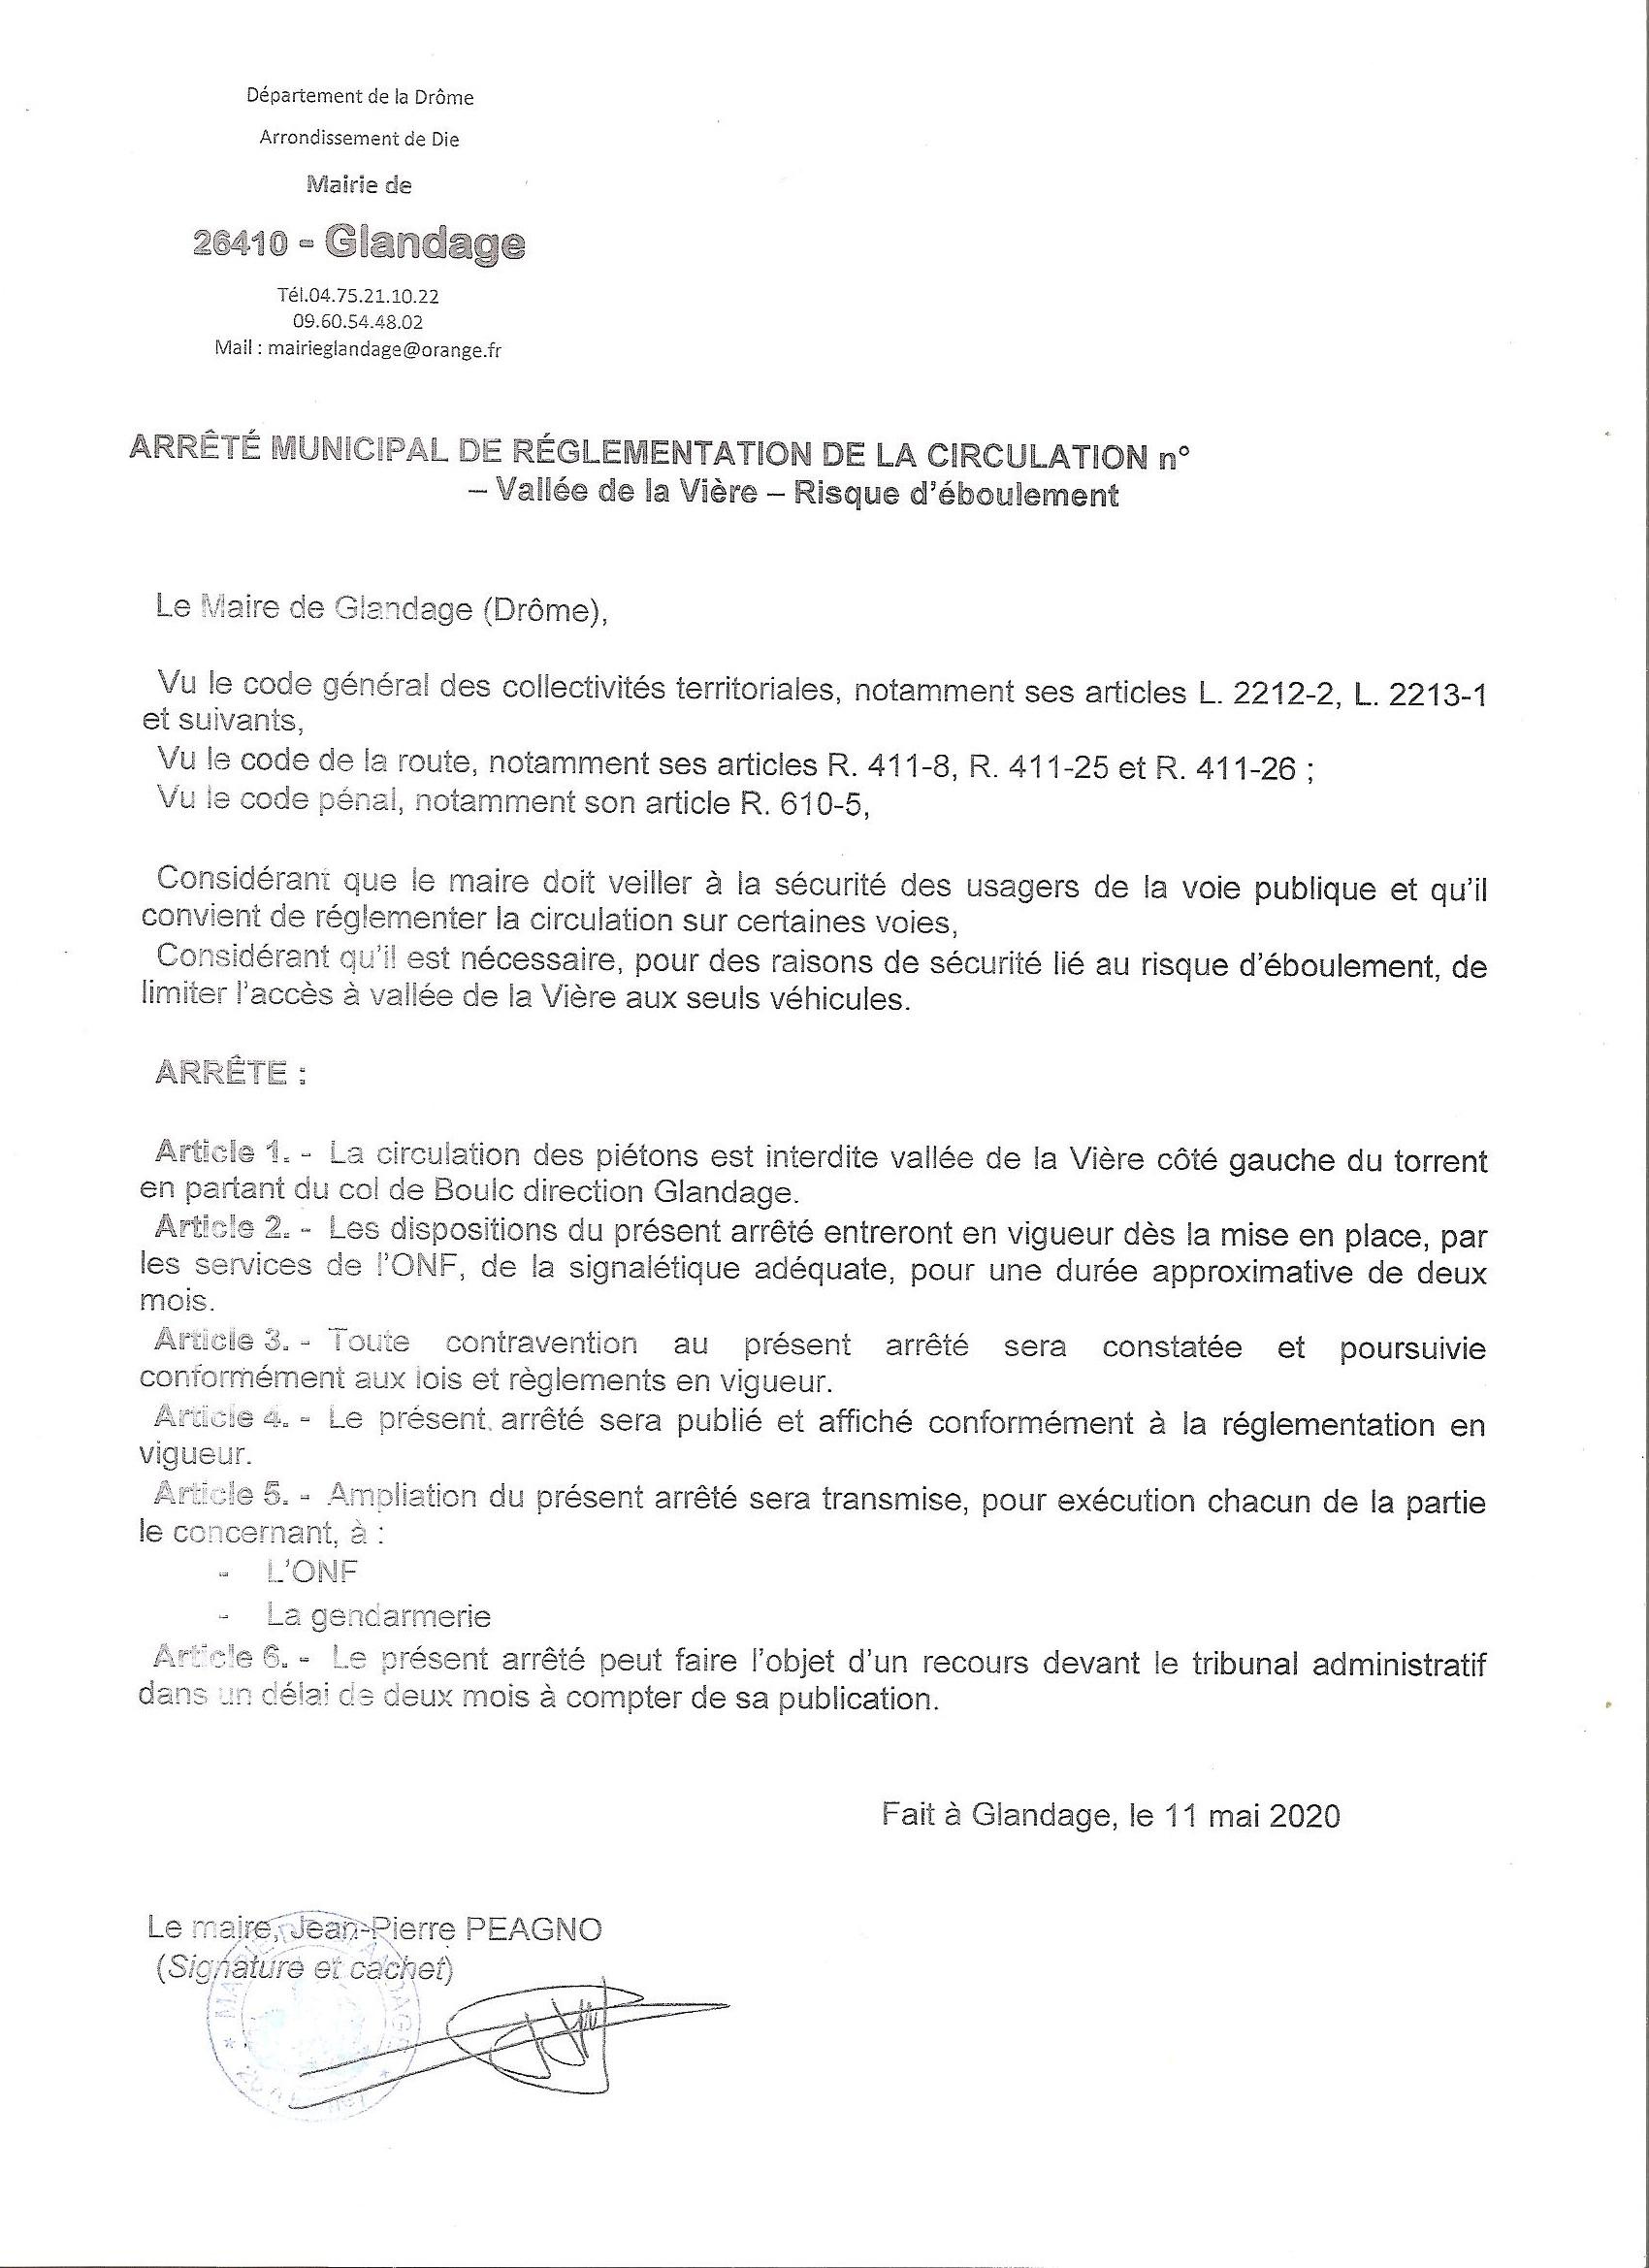 ARRETE MUNICIPAL 11 MAI 2020 001